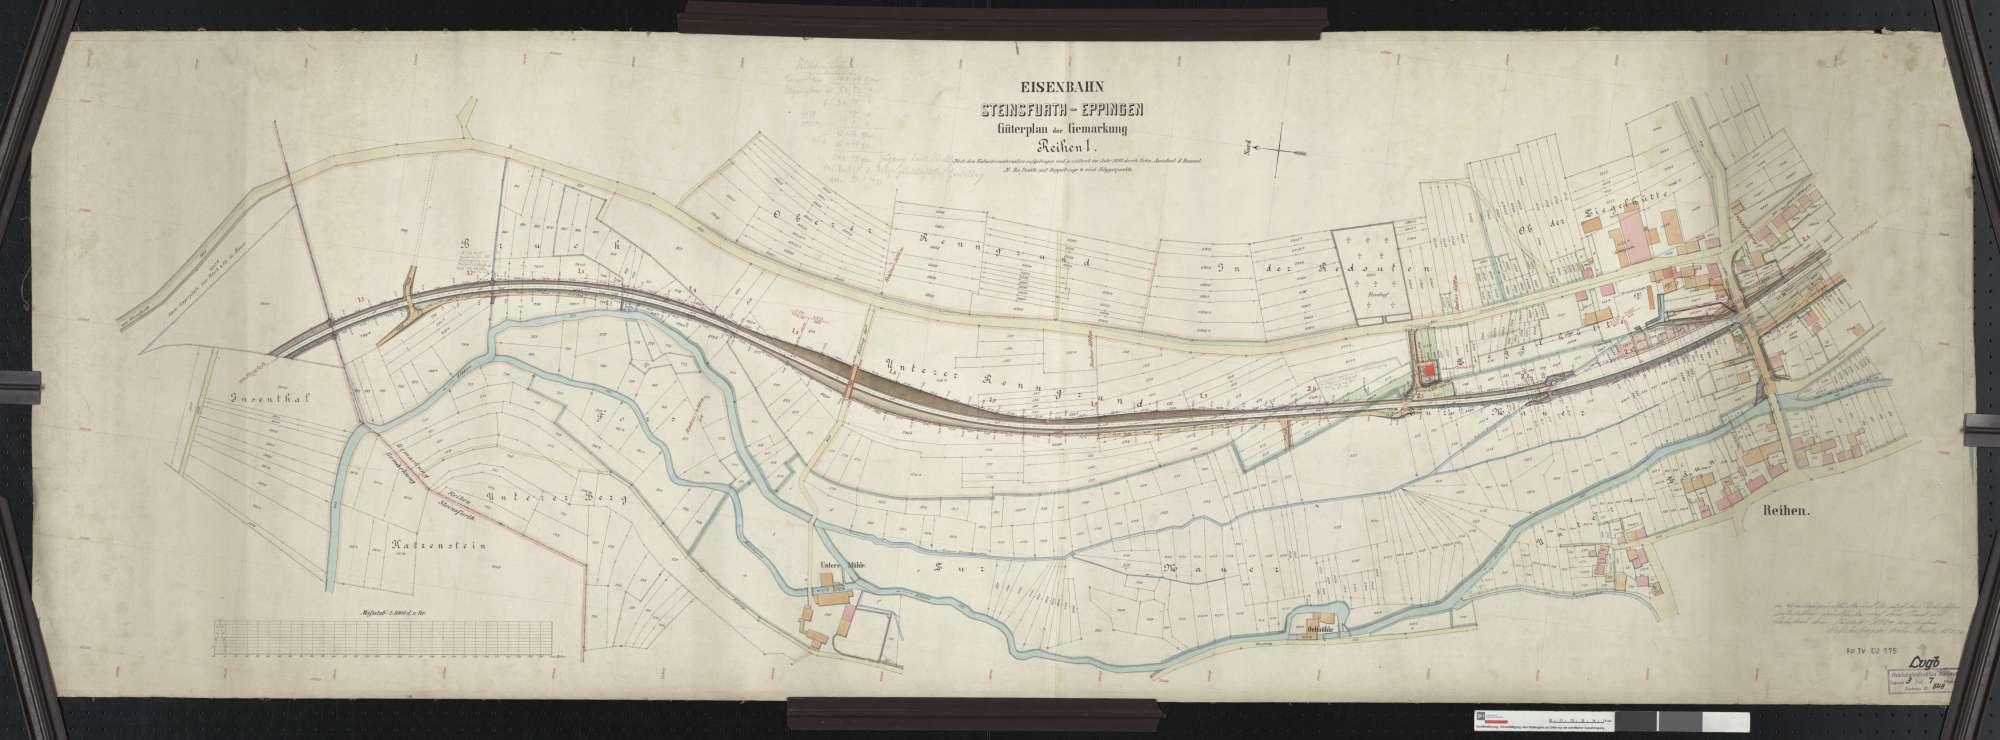 Güterplan der Bahn von Steinsfurt bis Eppingen: Gemarkung Reihen Streckenausschnitt: 1,1 bis 2,5 km, Bild 1